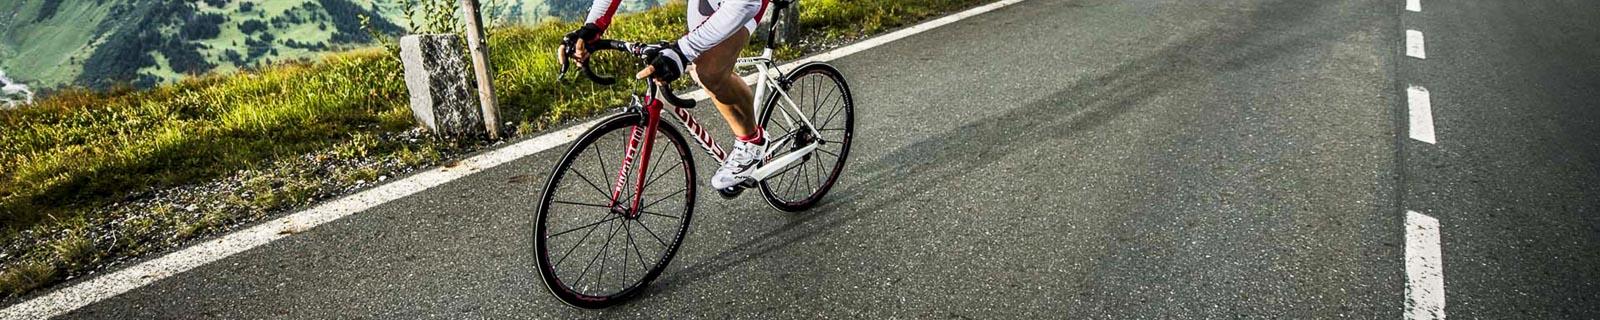 Biciclette da strada in alluminio per Uomini